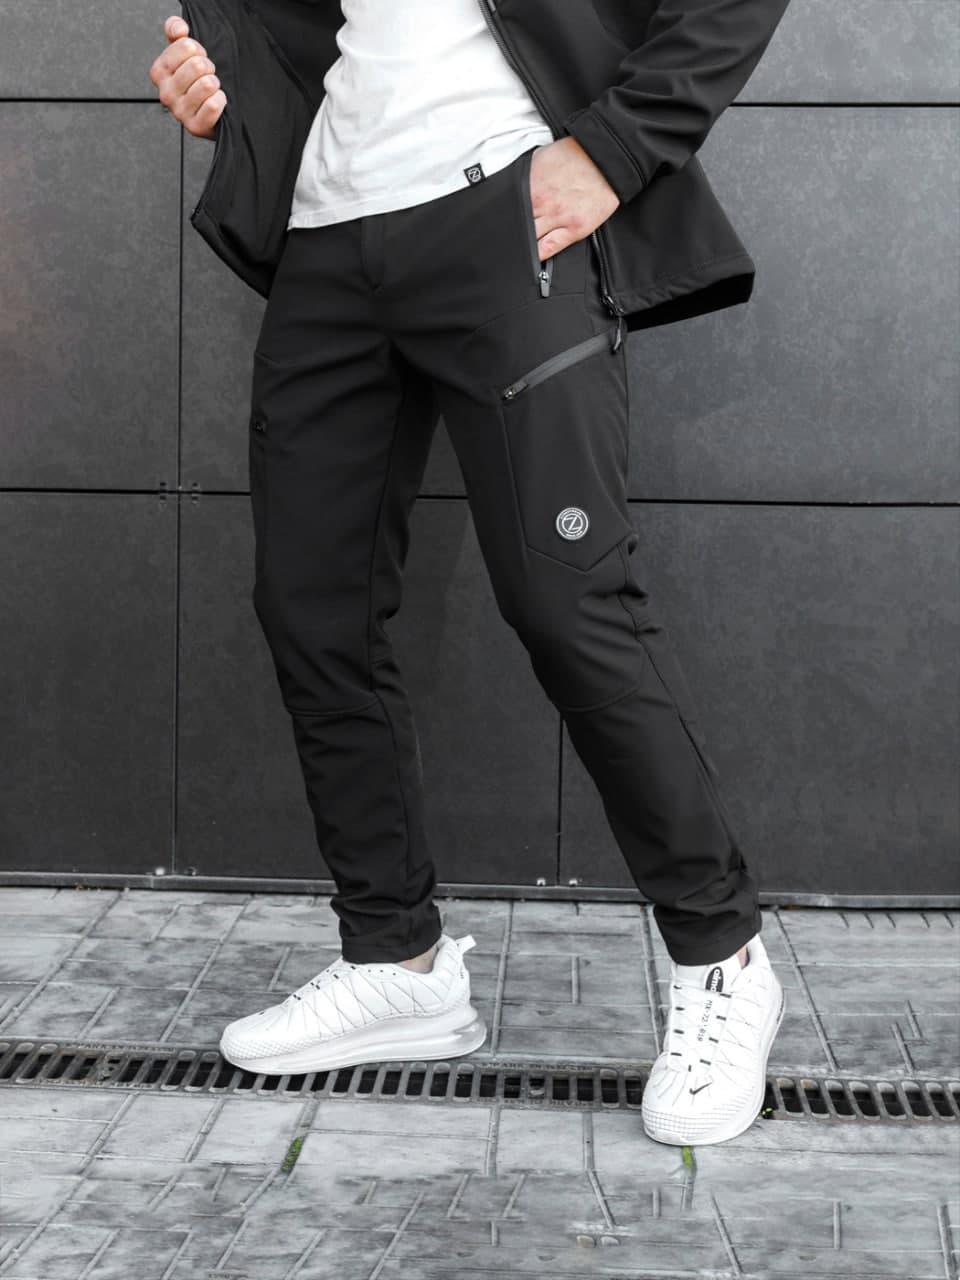 Штани чоловічі теплі карго чорні. Чоловічі штани утеплені чорного кольору.